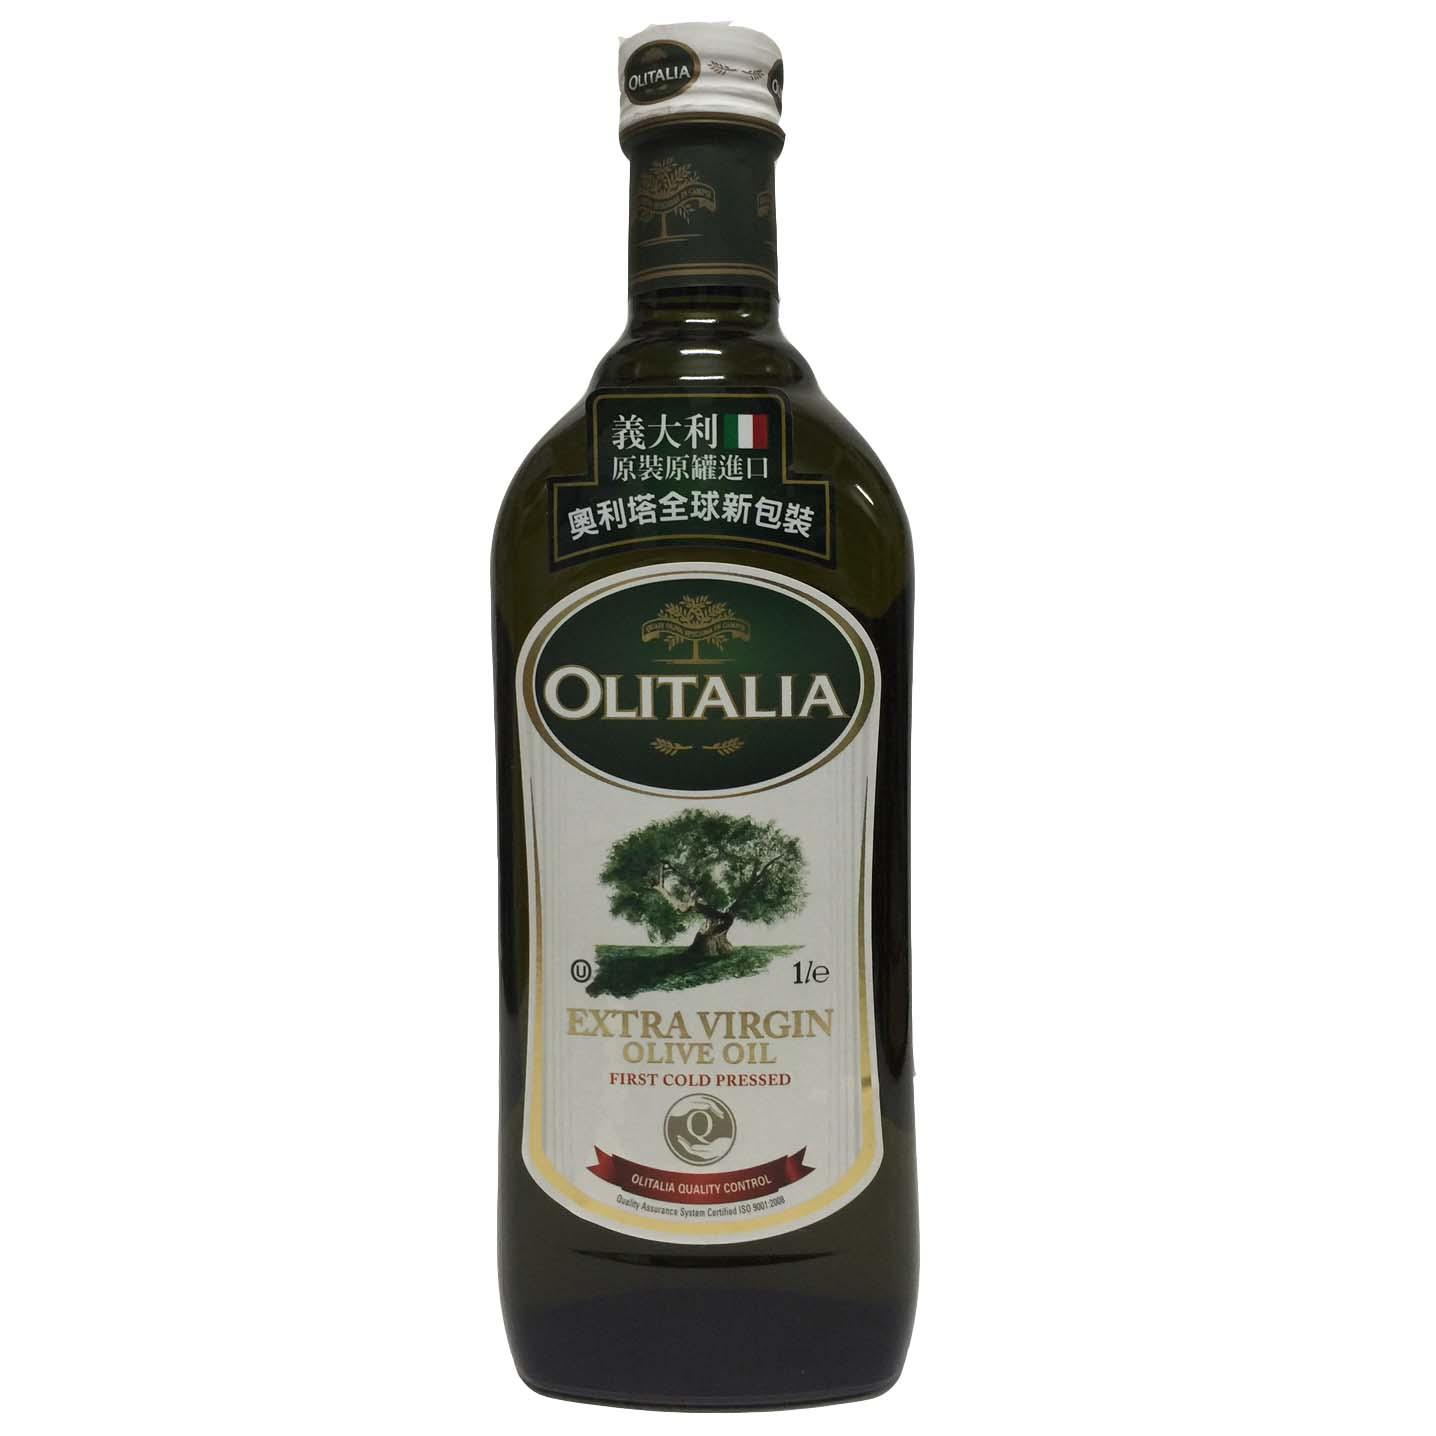 奧利塔 EXTRA VIRG 特級冷壓橄欖油1公升/瓶